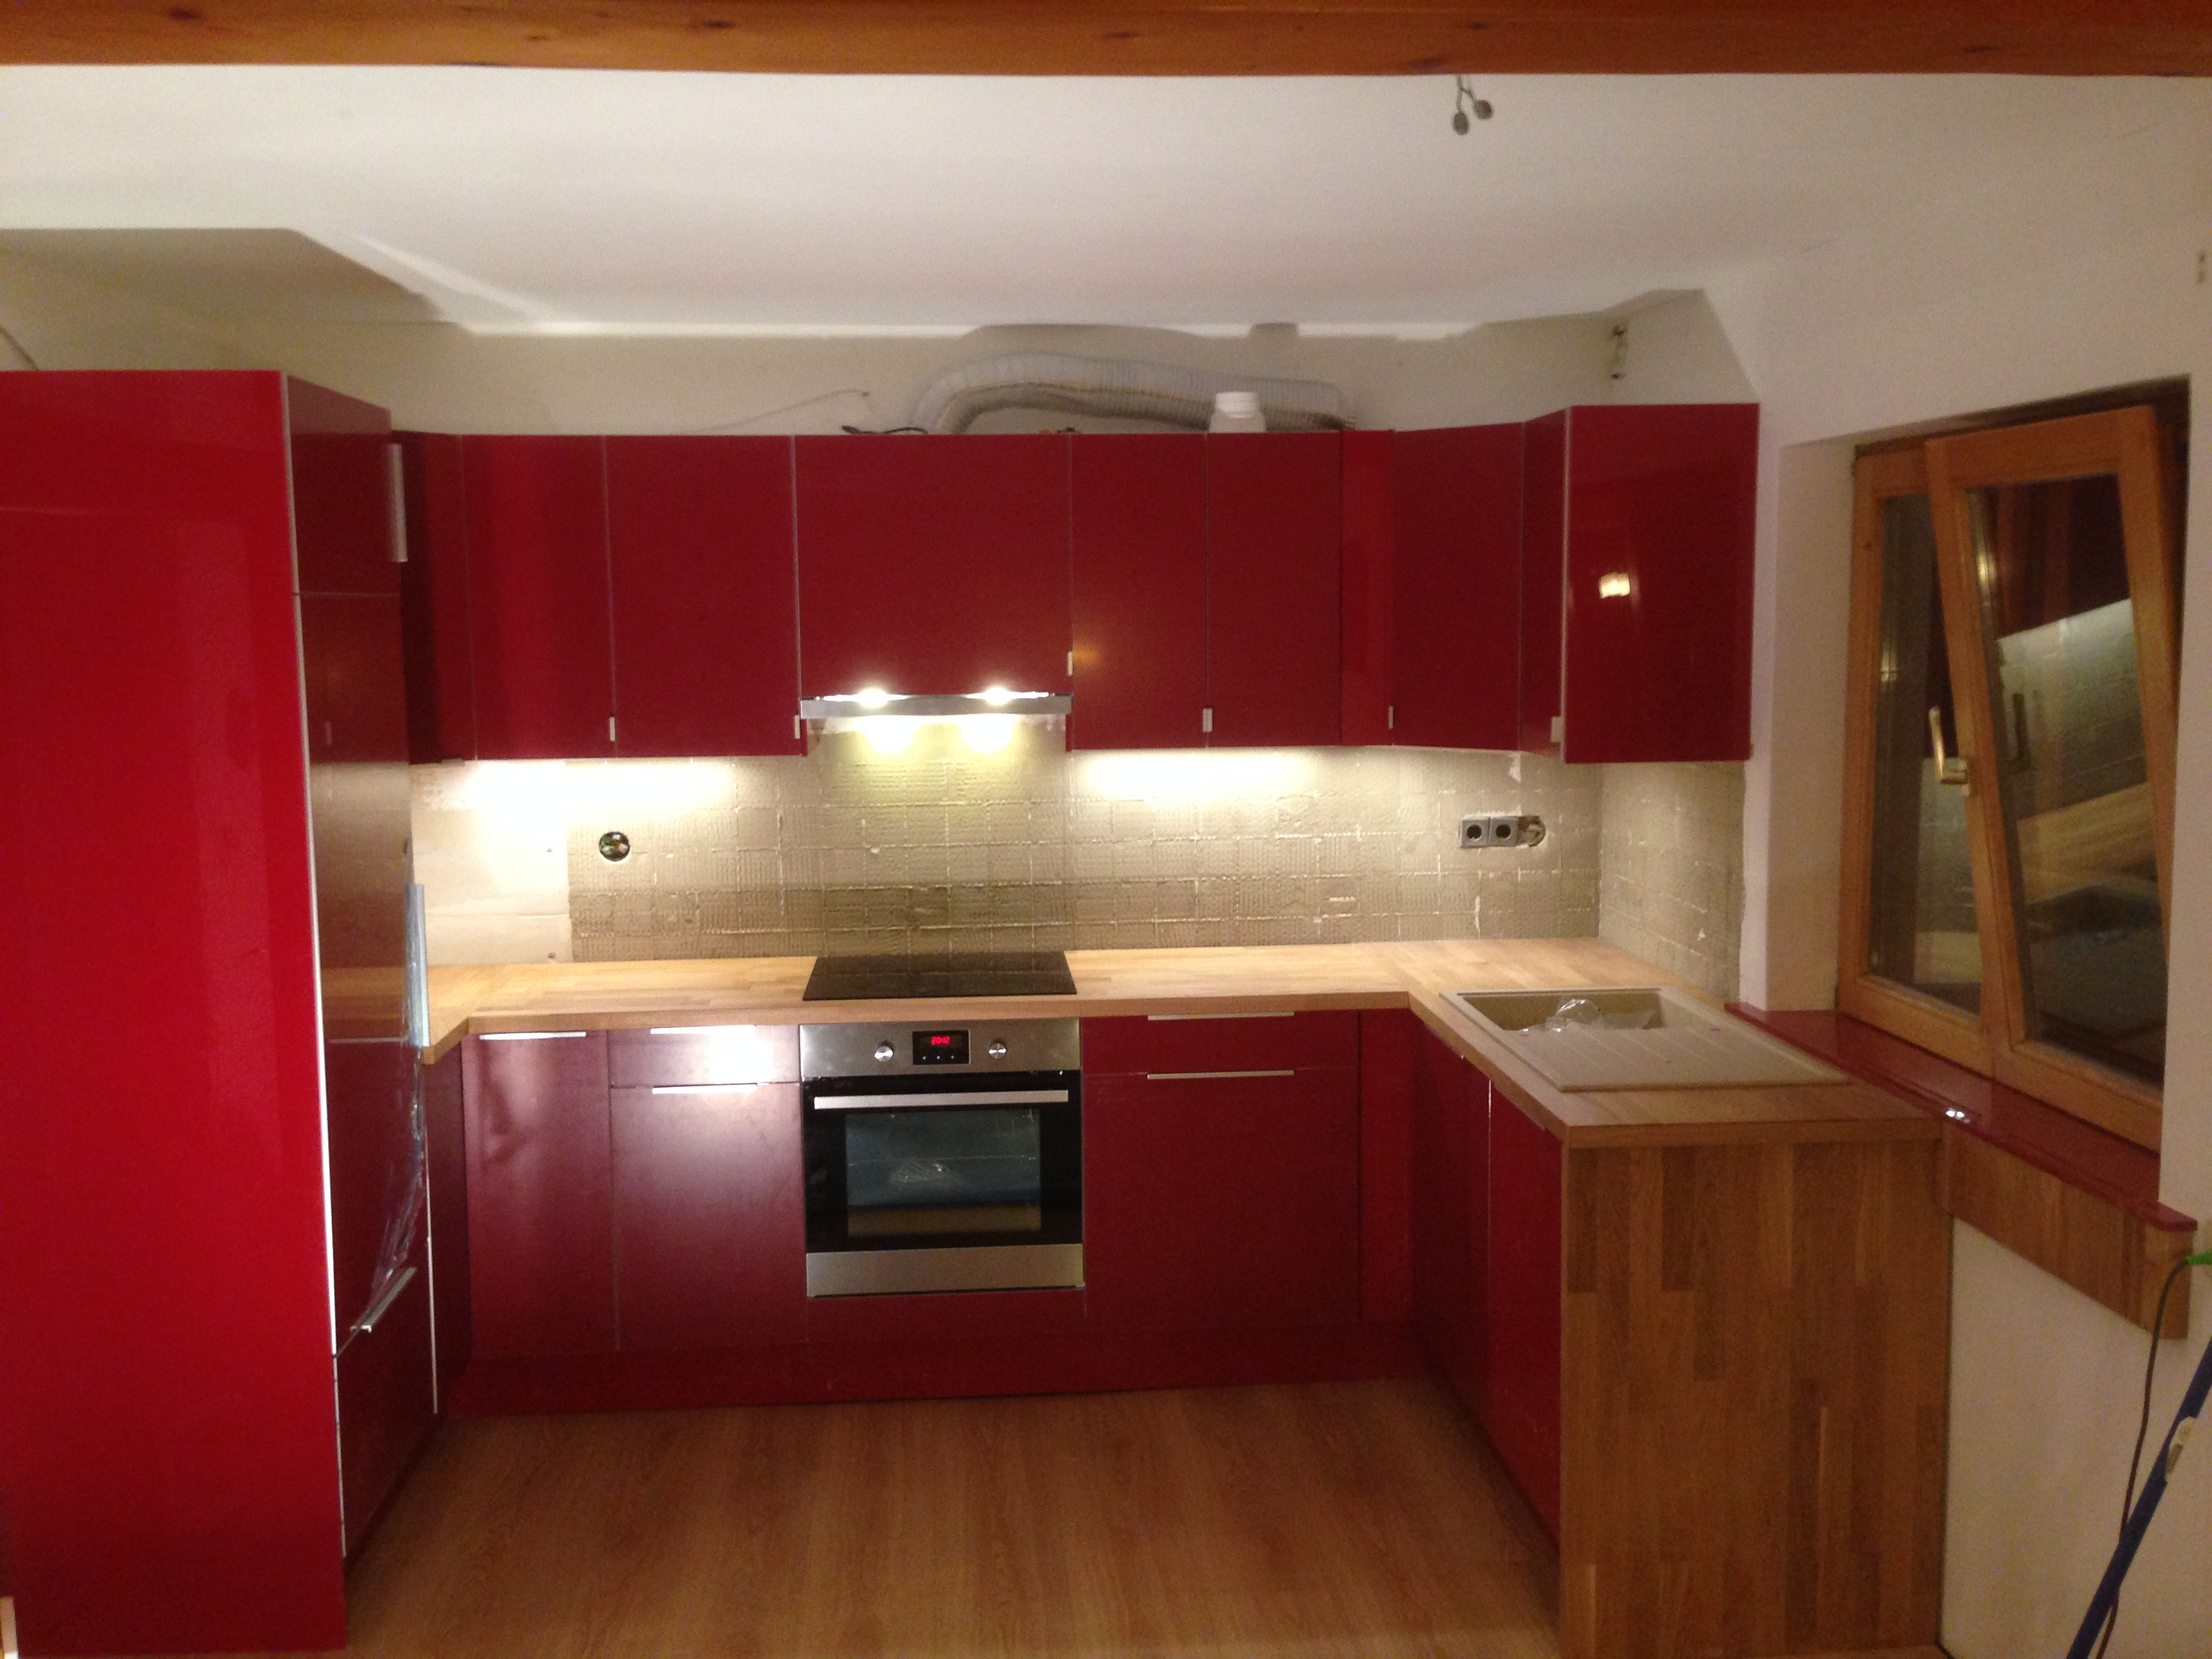 Küche in U-Form mit weinrote Fronten und Arbeitsplatte in Eiche-Vollholz. Die Fensterbank wurde in der Farbe der Küchenfronten angefertigt.